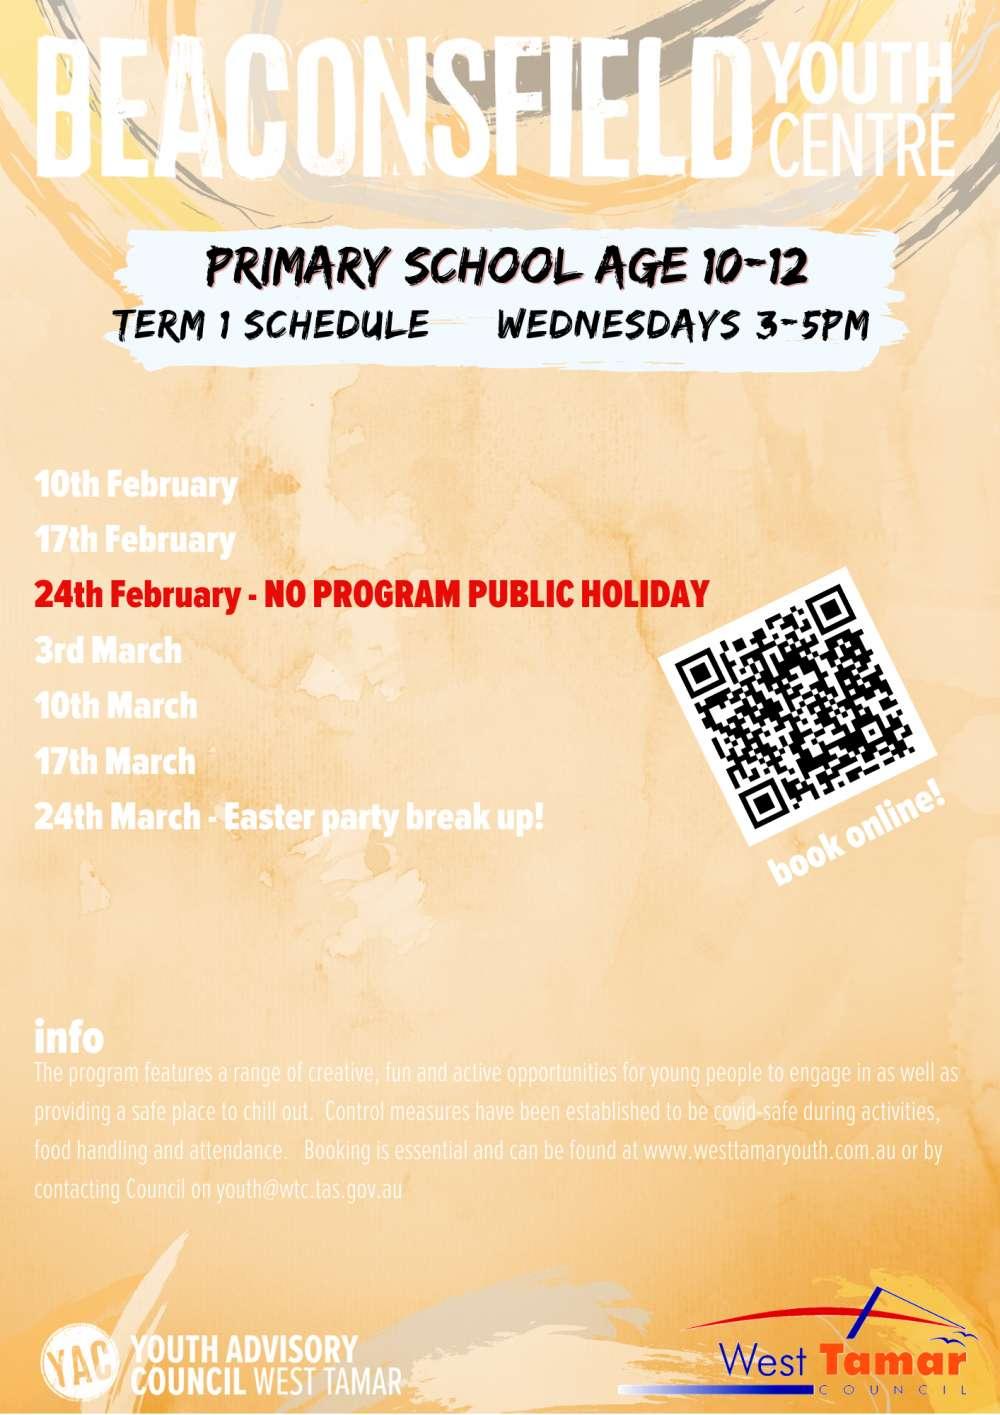 Primary School term 1